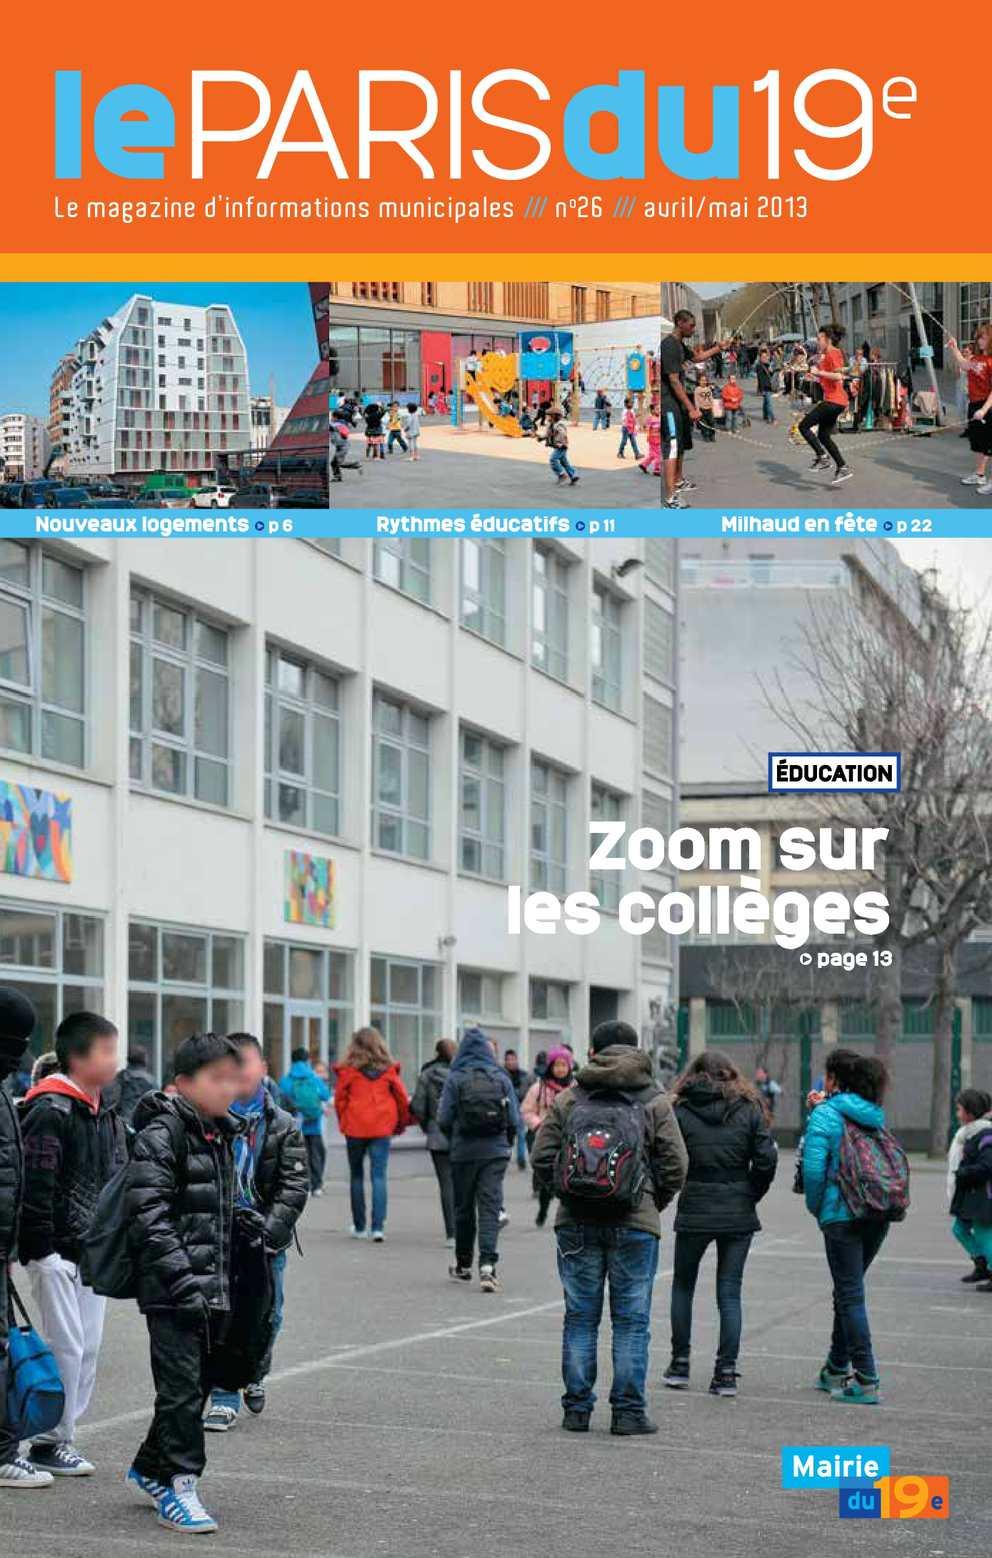 Calaméo - Le Paris du 19e n°26 4550167bd0c